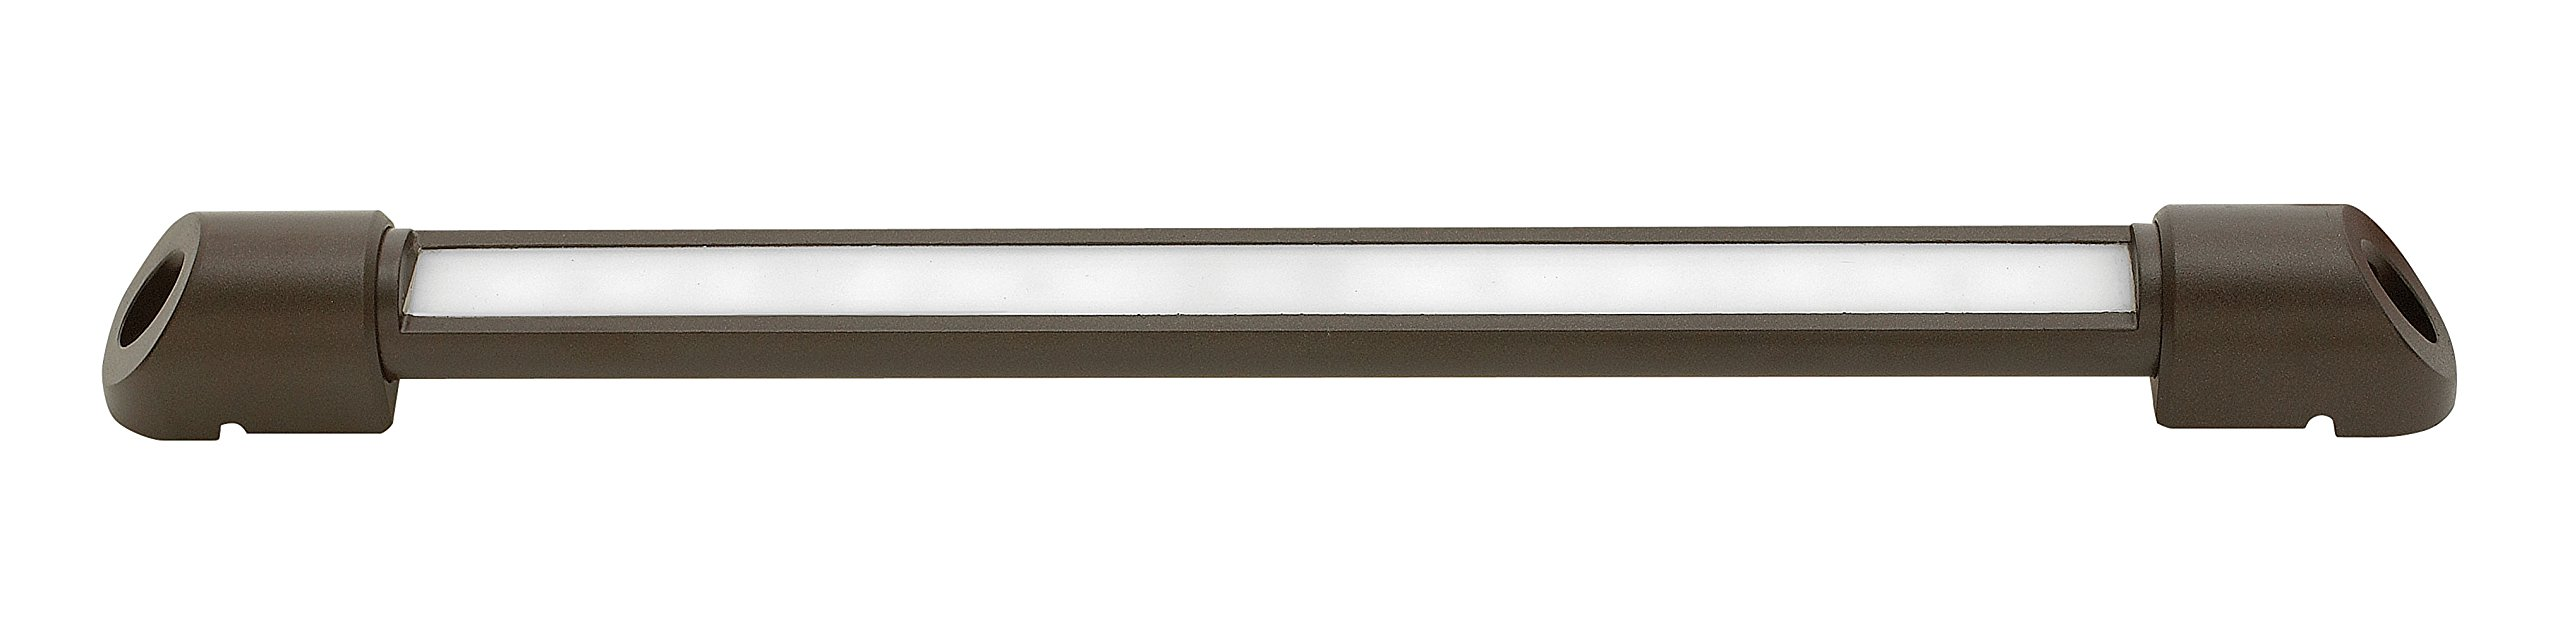 Hinkley Lighting 15442BZ Nexus LED Deck Light, Bronze by Hinkley